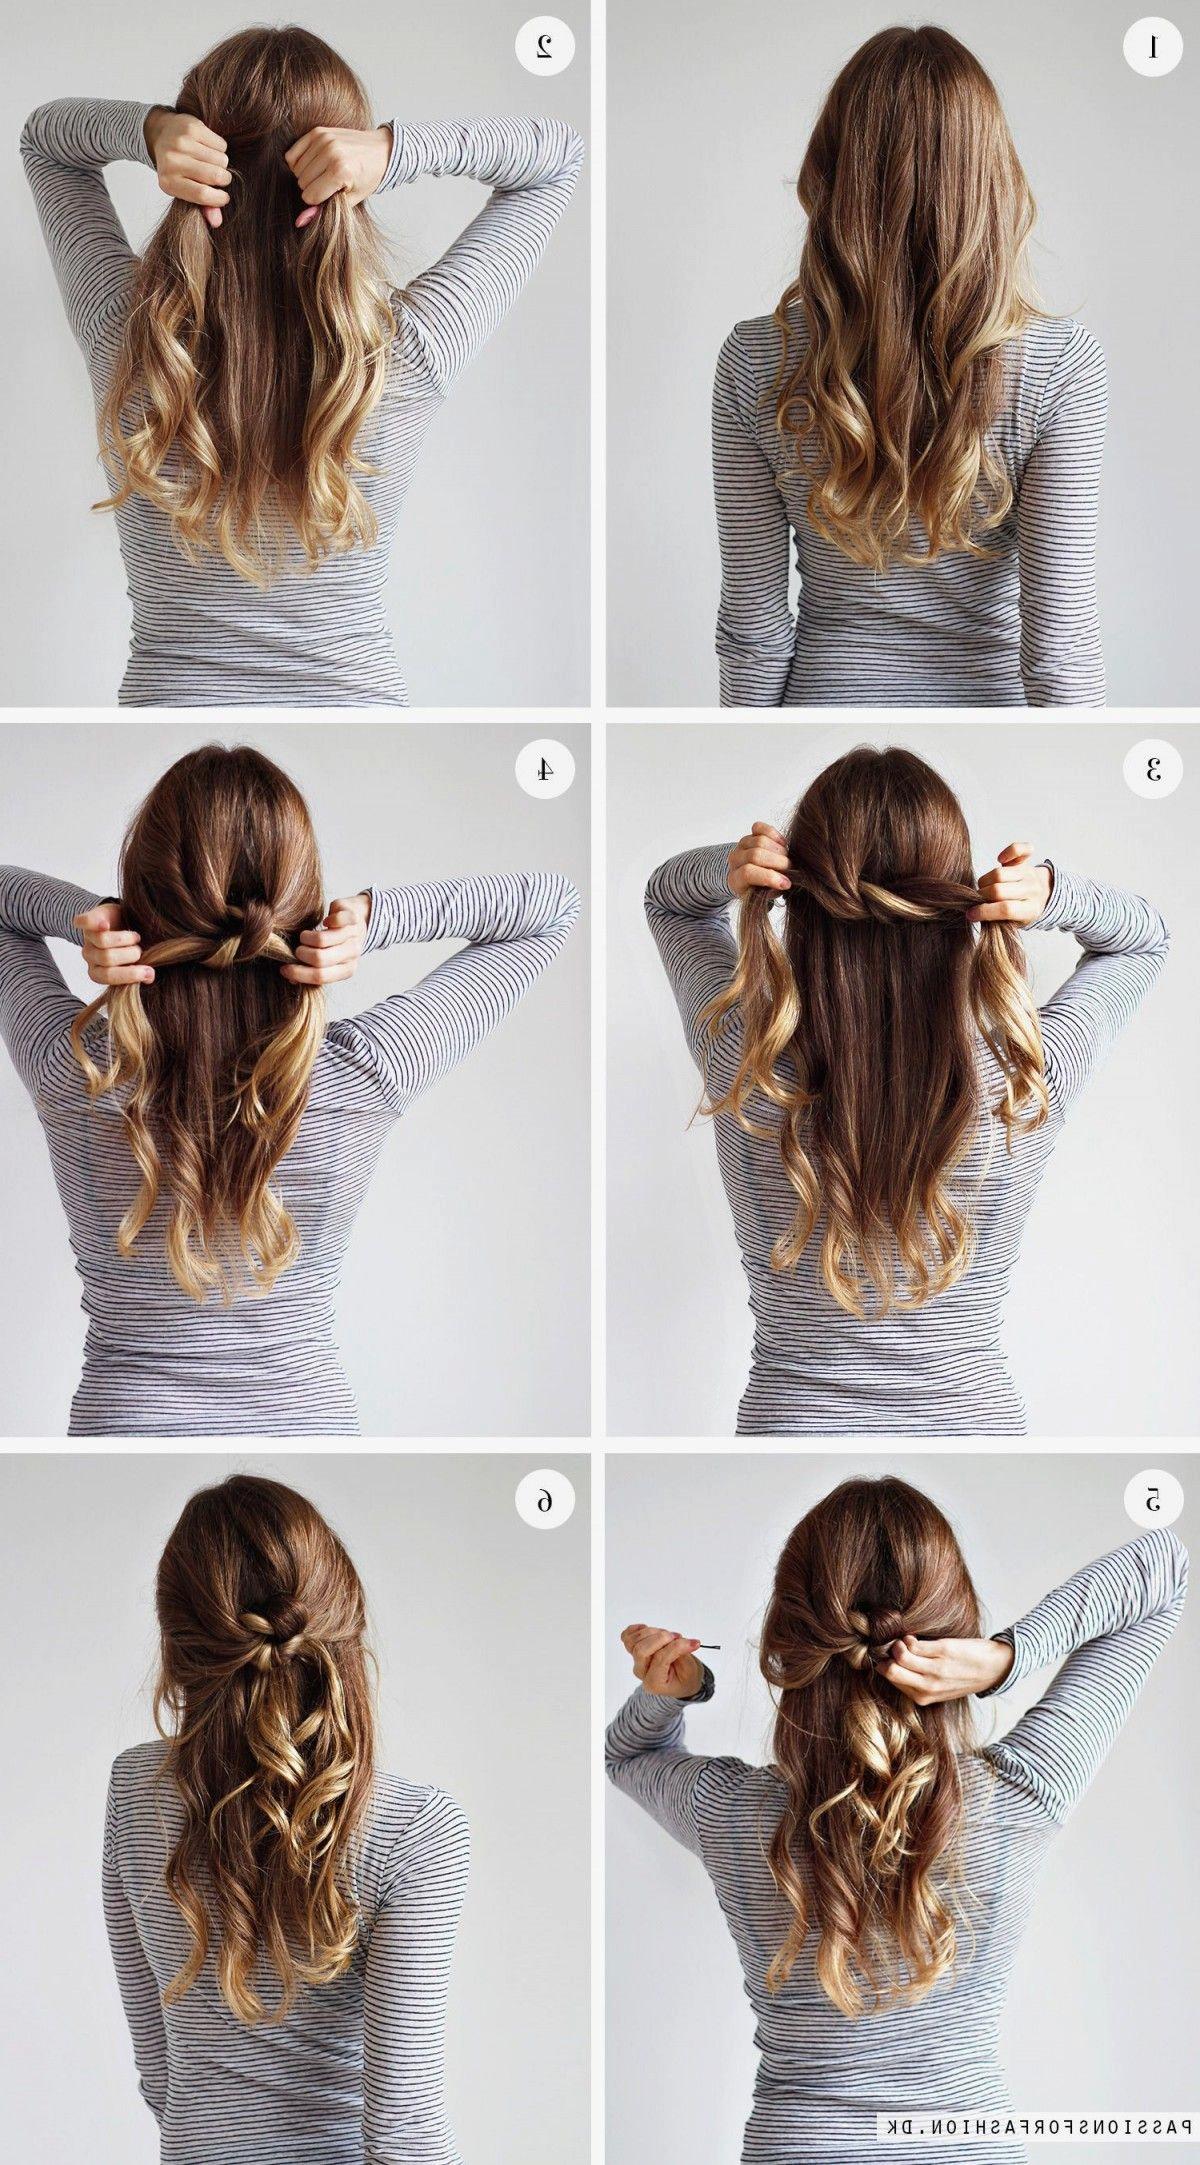 Belle Semi Ouverte Coiffures De Faire Moi Meme In 2020 Frisuren Lange Haare Halboffen Dirndl Frisuren Offene Haare Frisuren Offene Haare